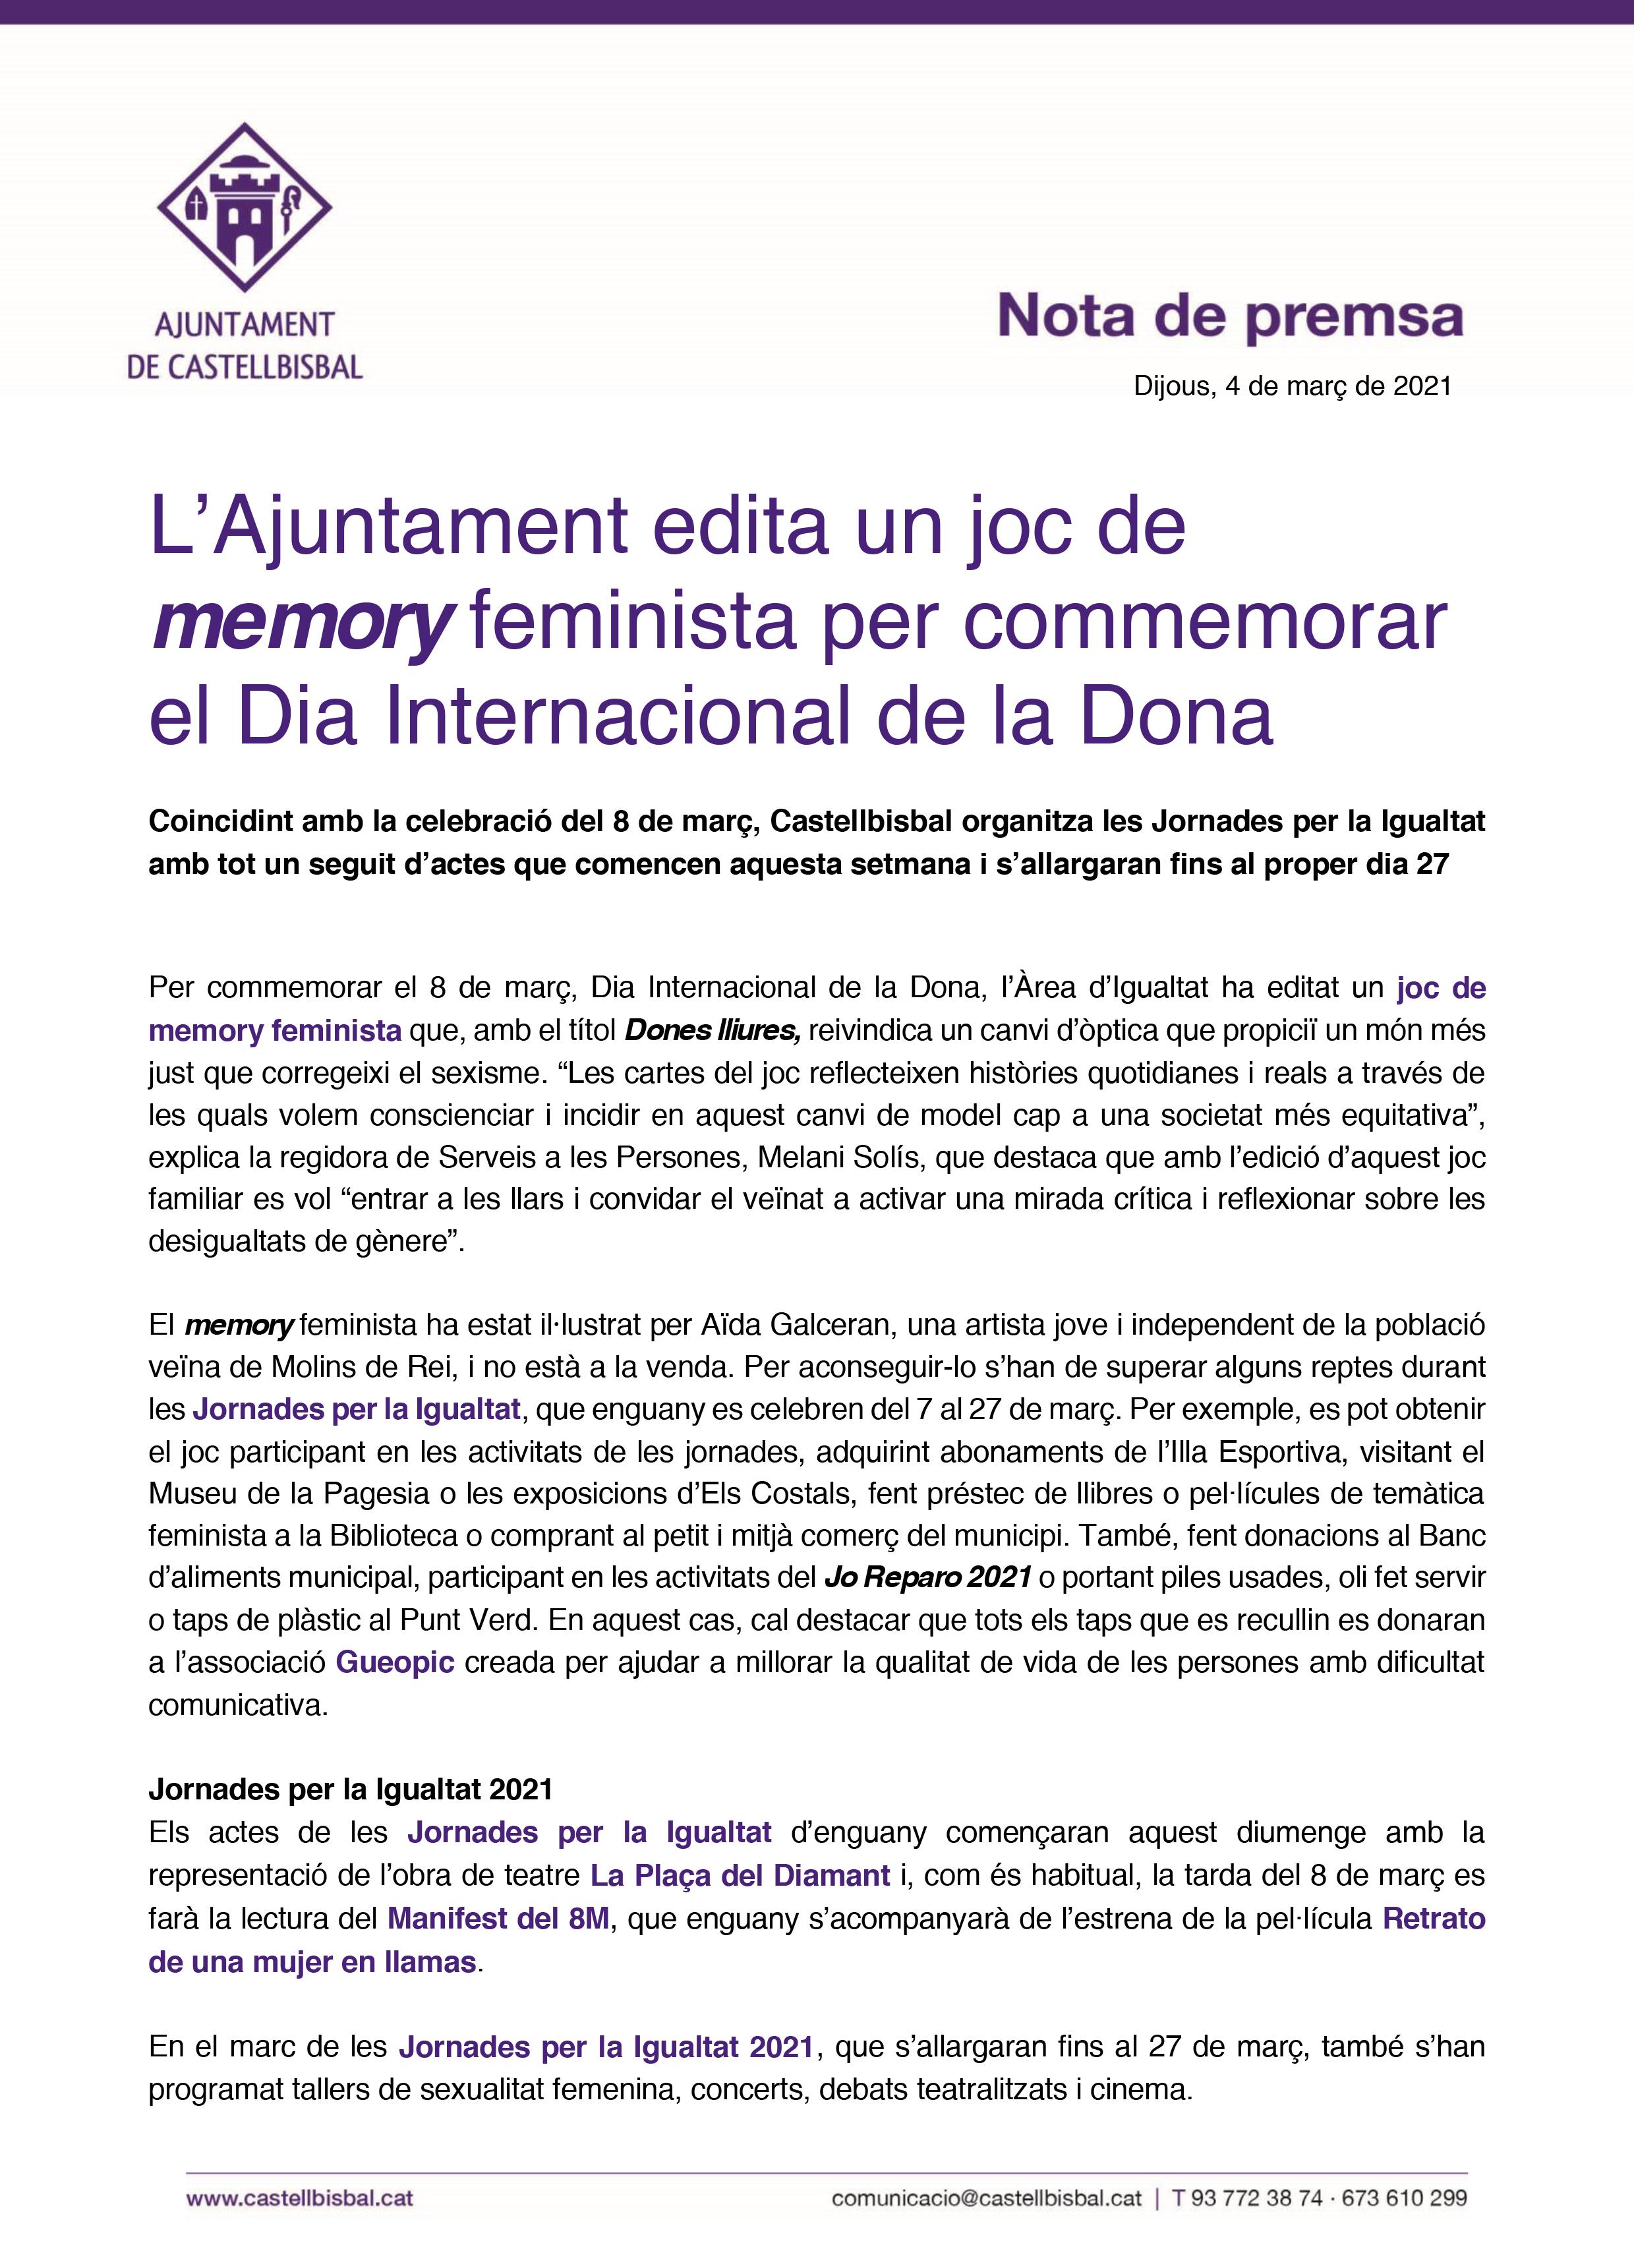 04_03_2021_L'Ajuntament edita un joc de memory feminista per commemorar el Dia Internacional de la Dona